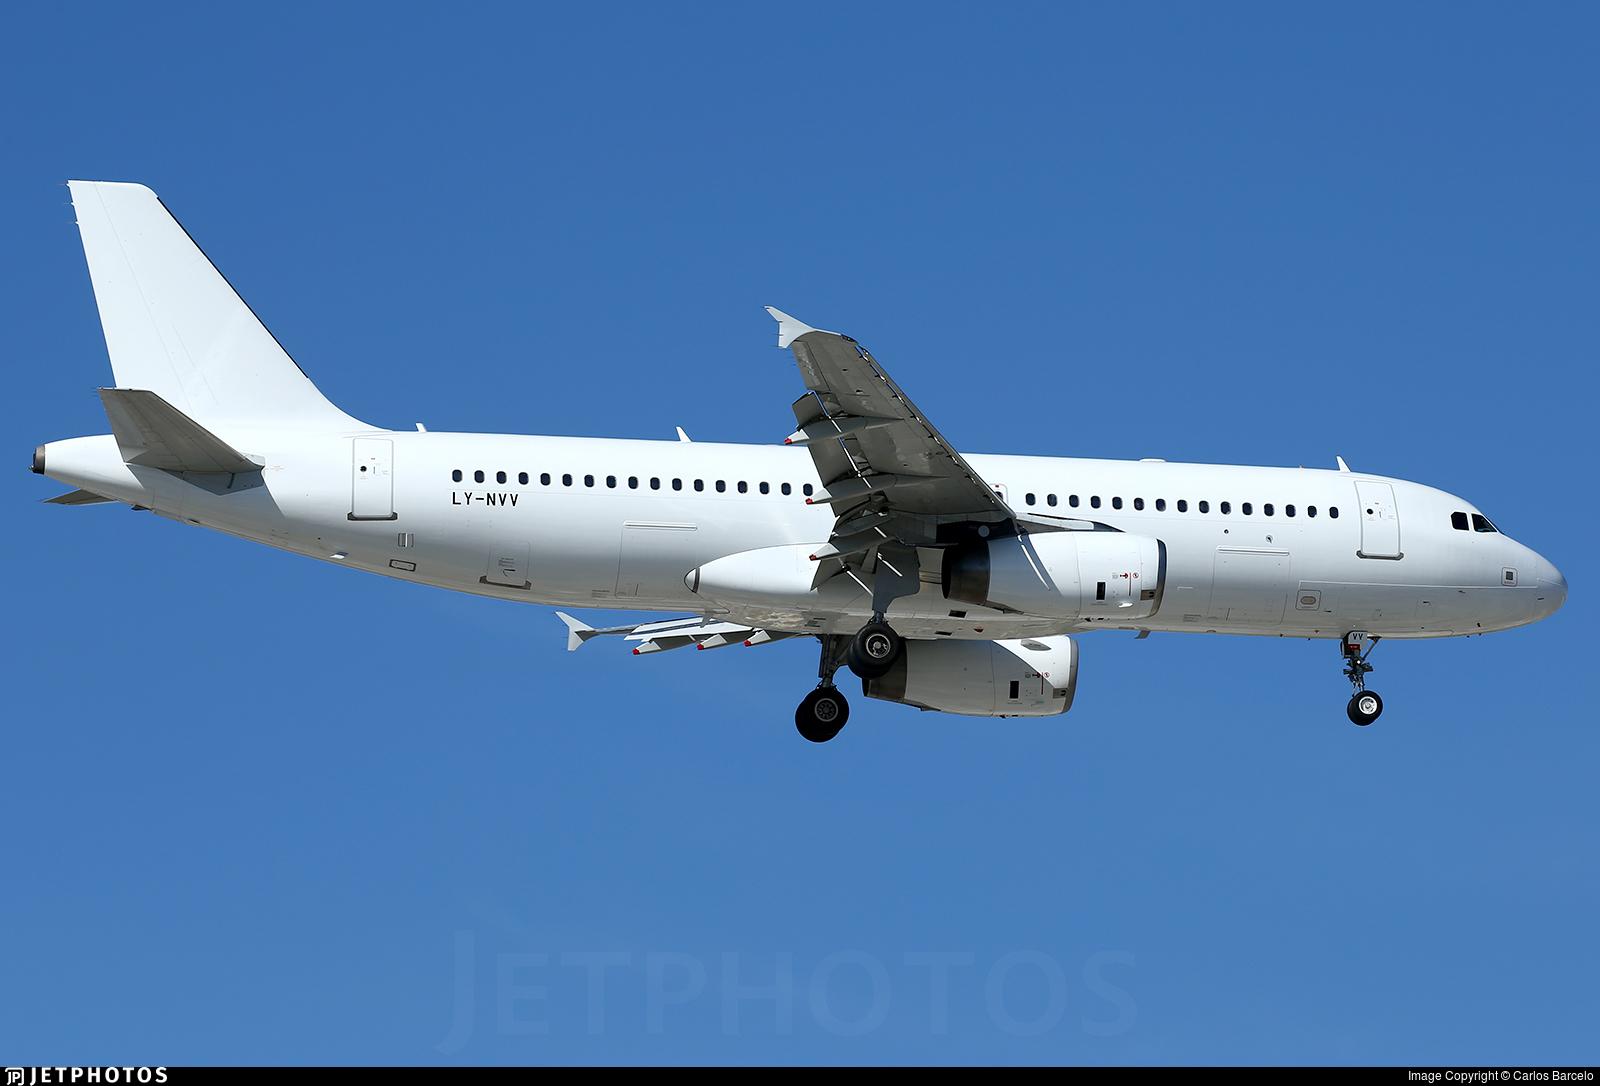 LY-NVV - Airbus A320-232 - Avion Express